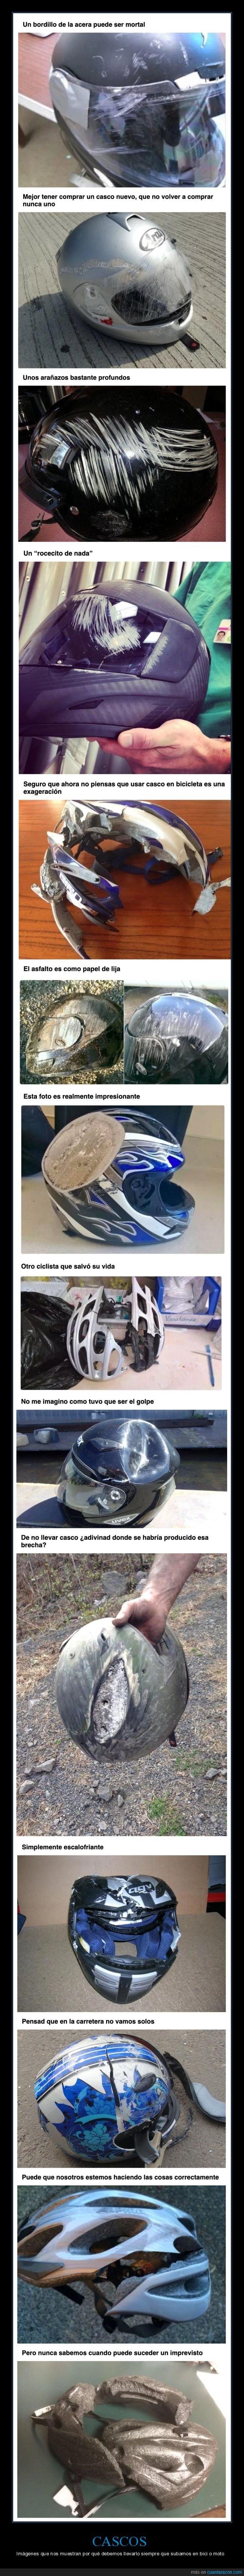 bicicleta,cascos,moto